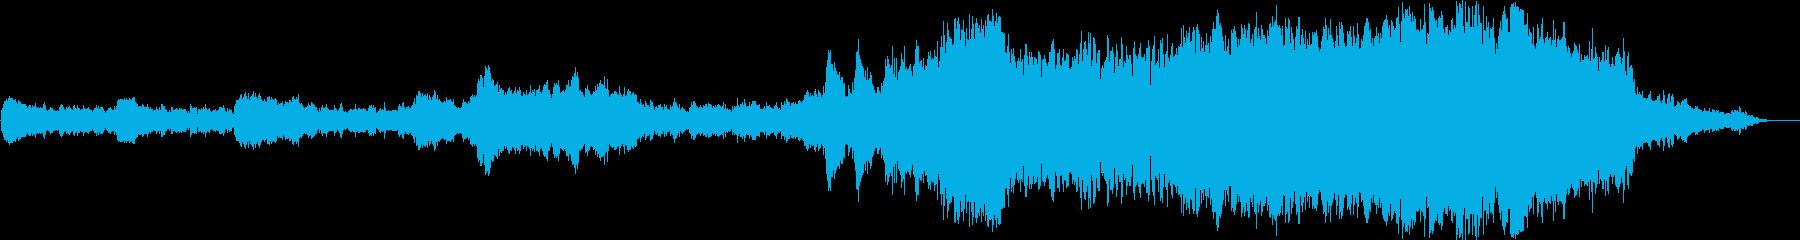 気球旅行記-奇岩を抜けて〜カッパドキア〜の再生済みの波形